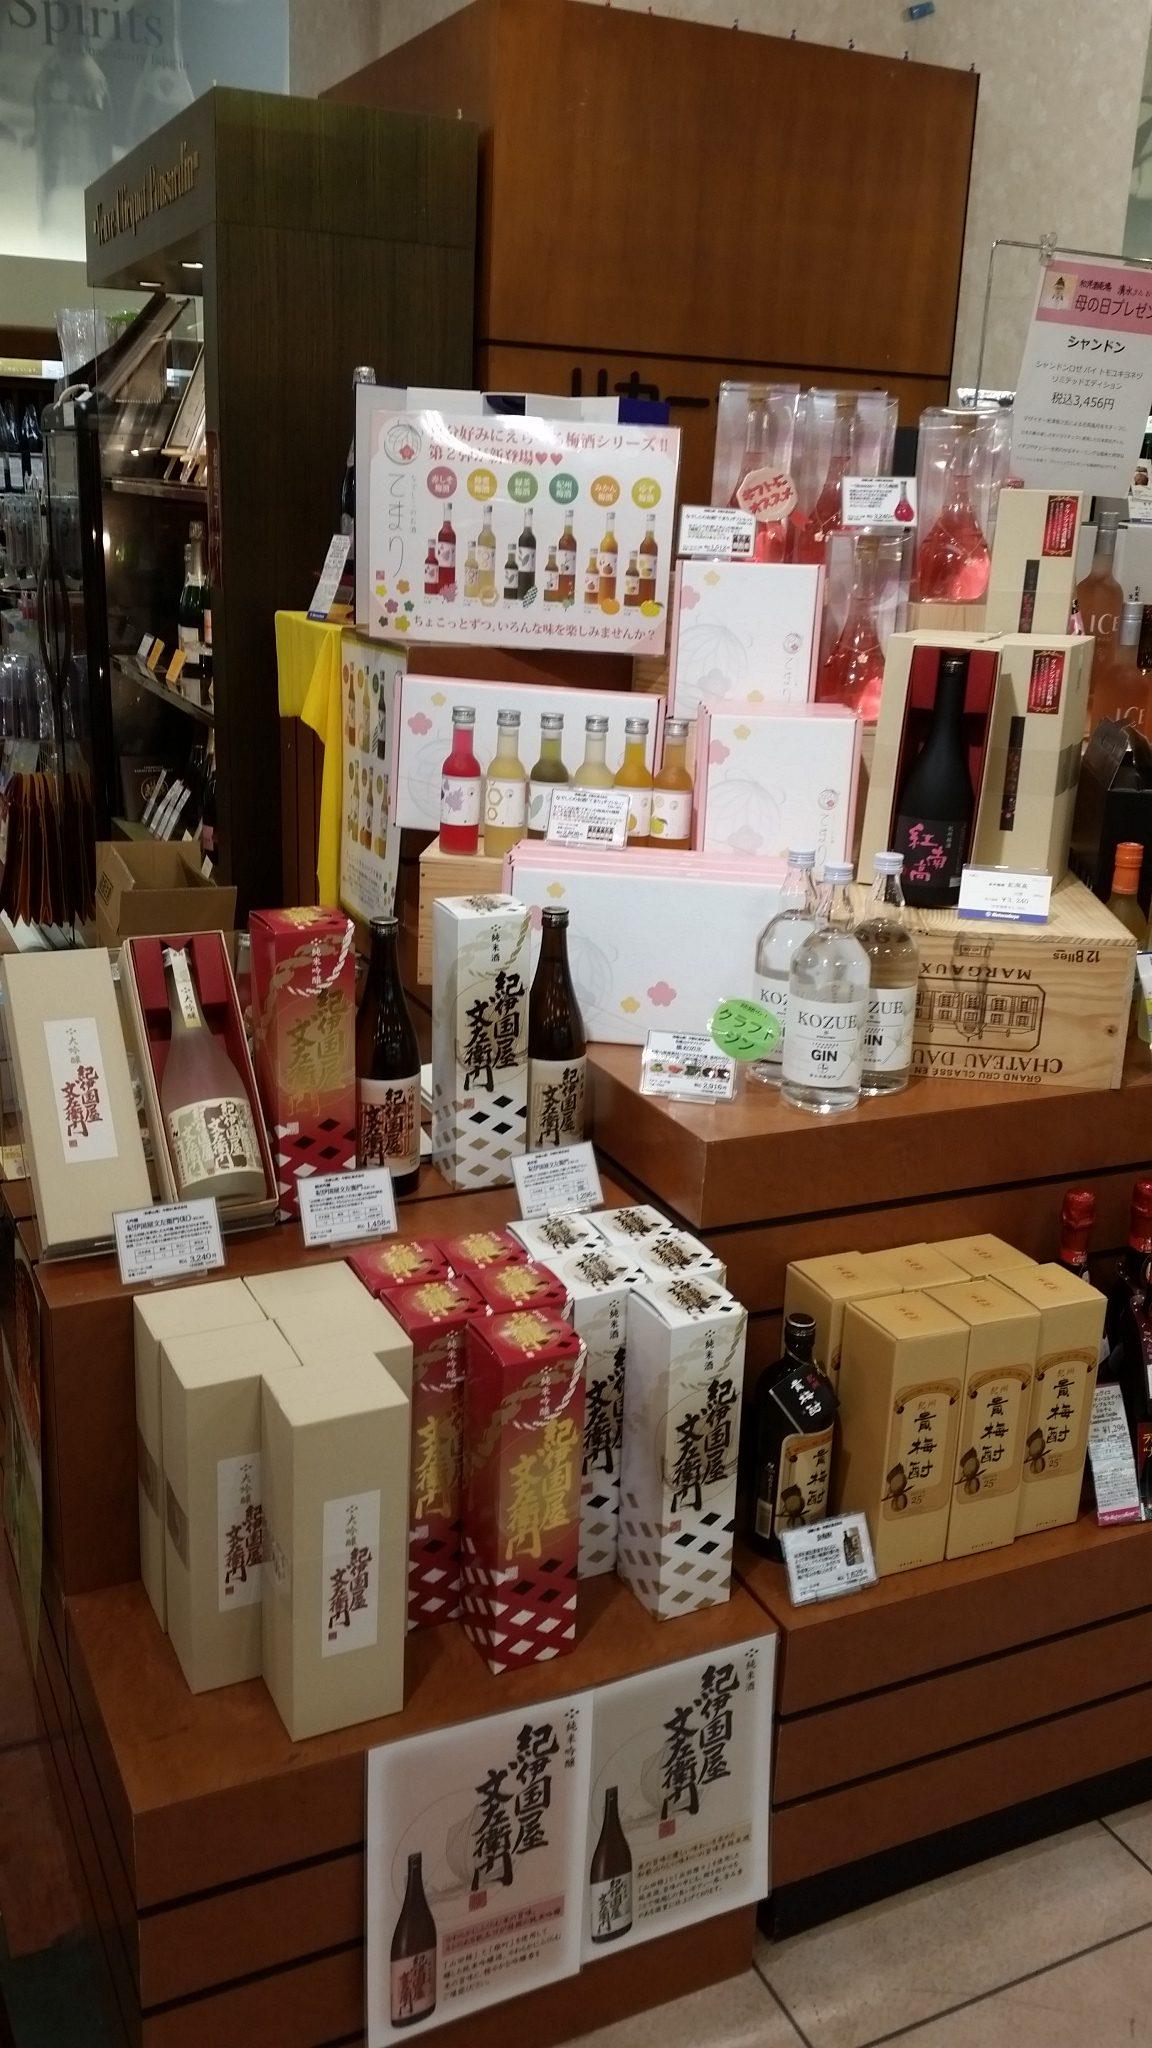 松坂屋豊田店で和歌山のお酒を味わえます!